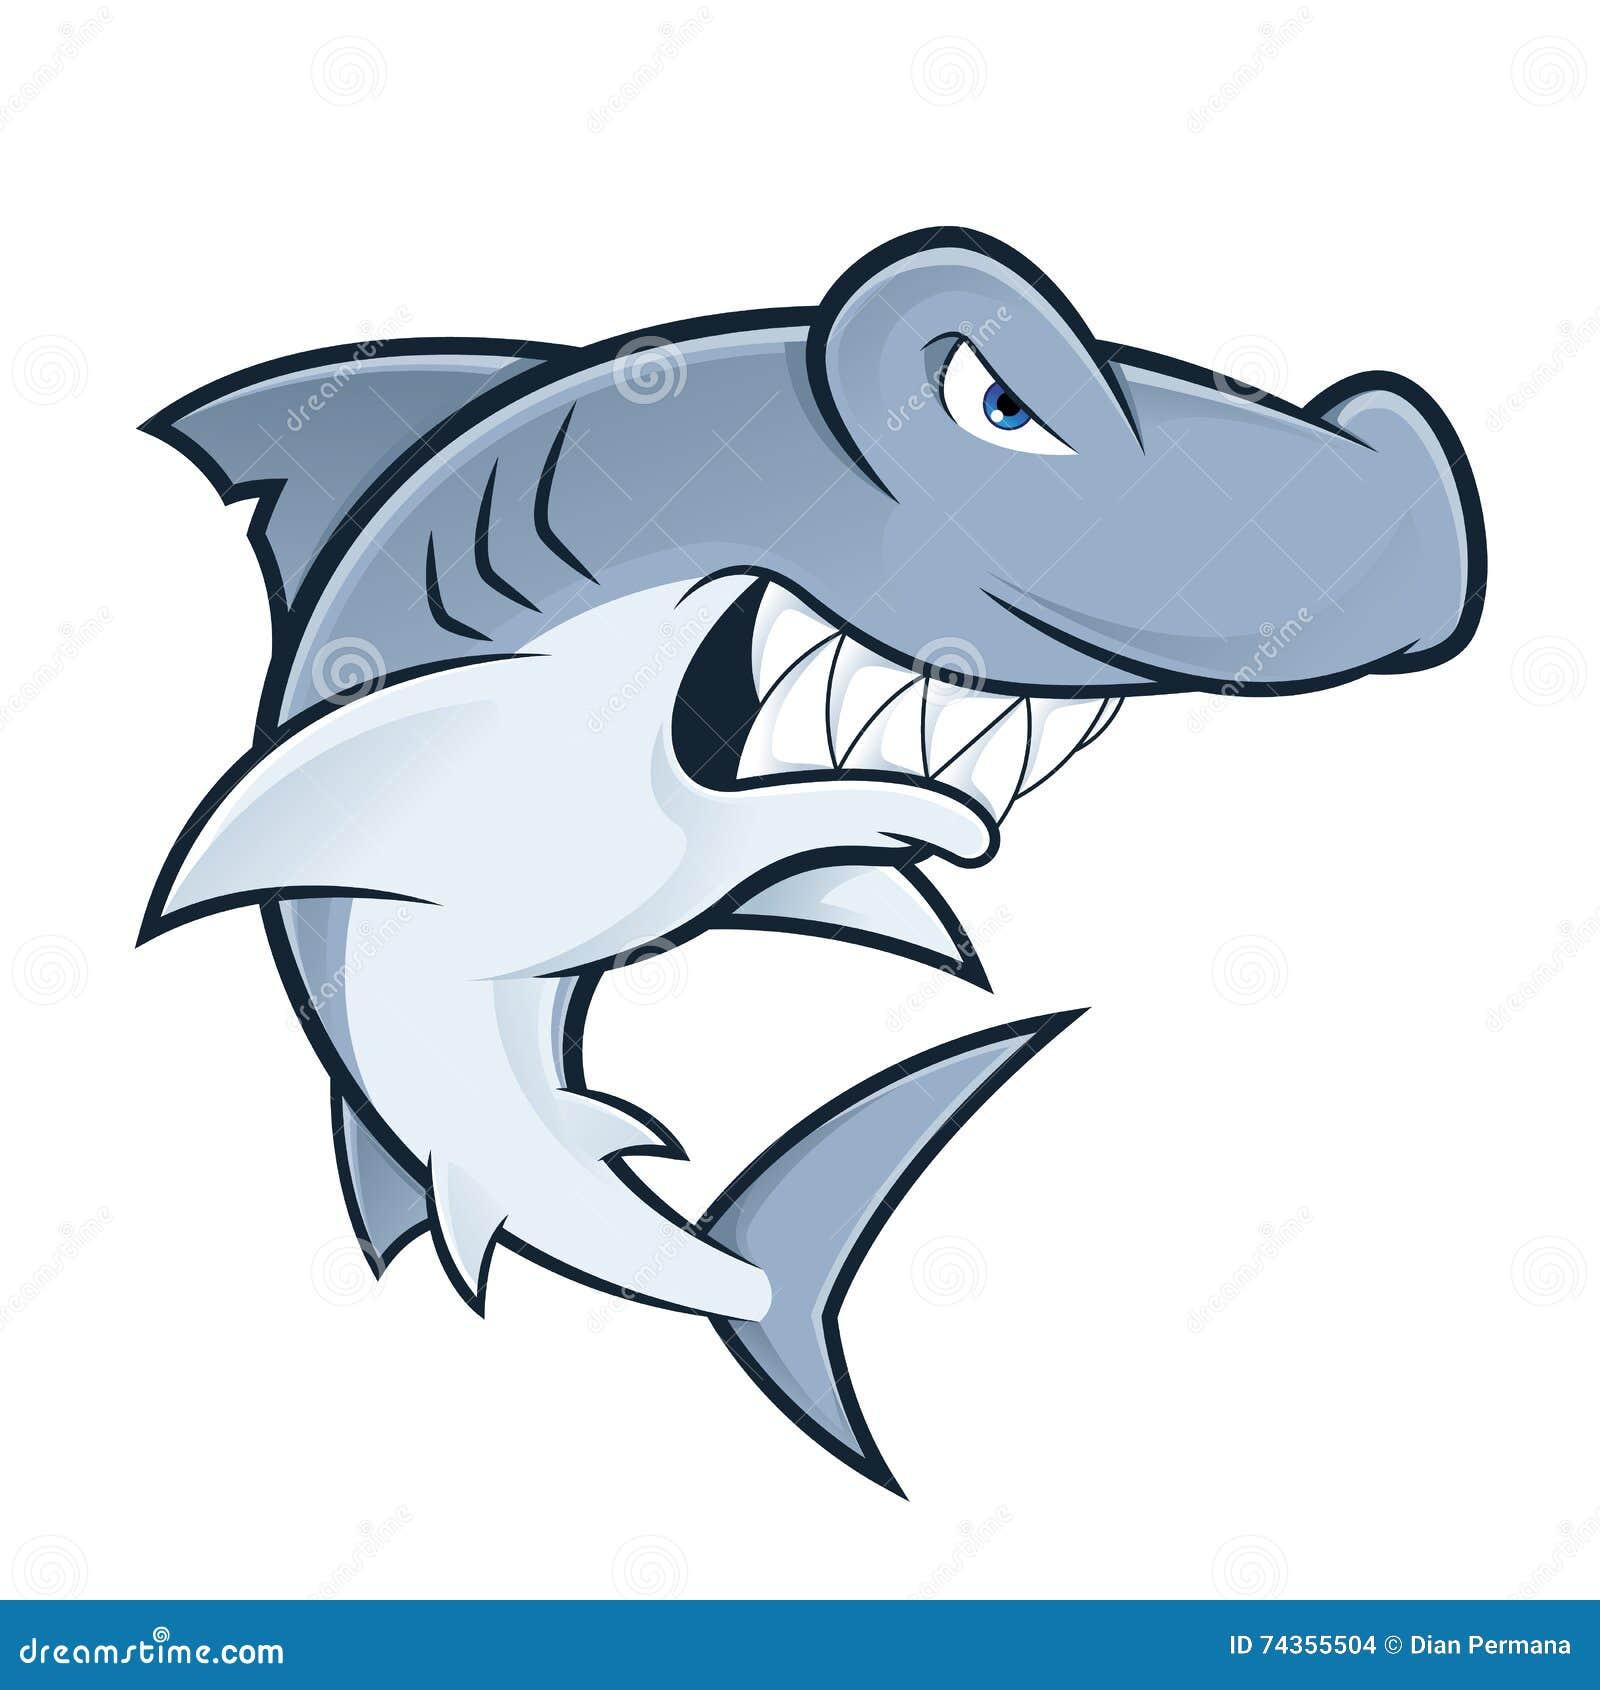 hammerhead shark mascot stock vector illustration of drawing 74355504 rh dreamstime com Hammerhead Shark Silhouette Clip Art Hammerhead Shark Silhouette Clip Art